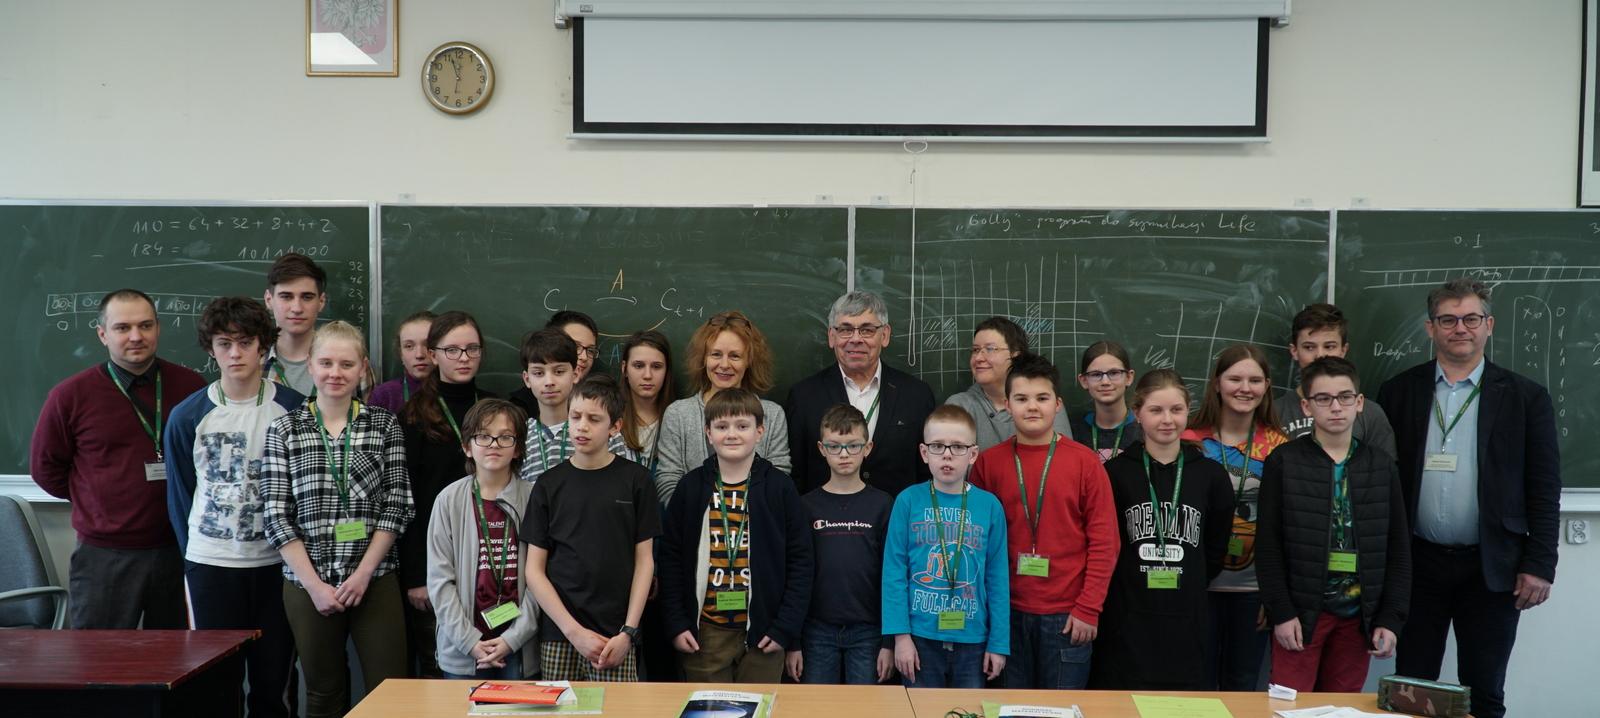 XXV Warsztaty Matematyczne KFnrD w Gdyni